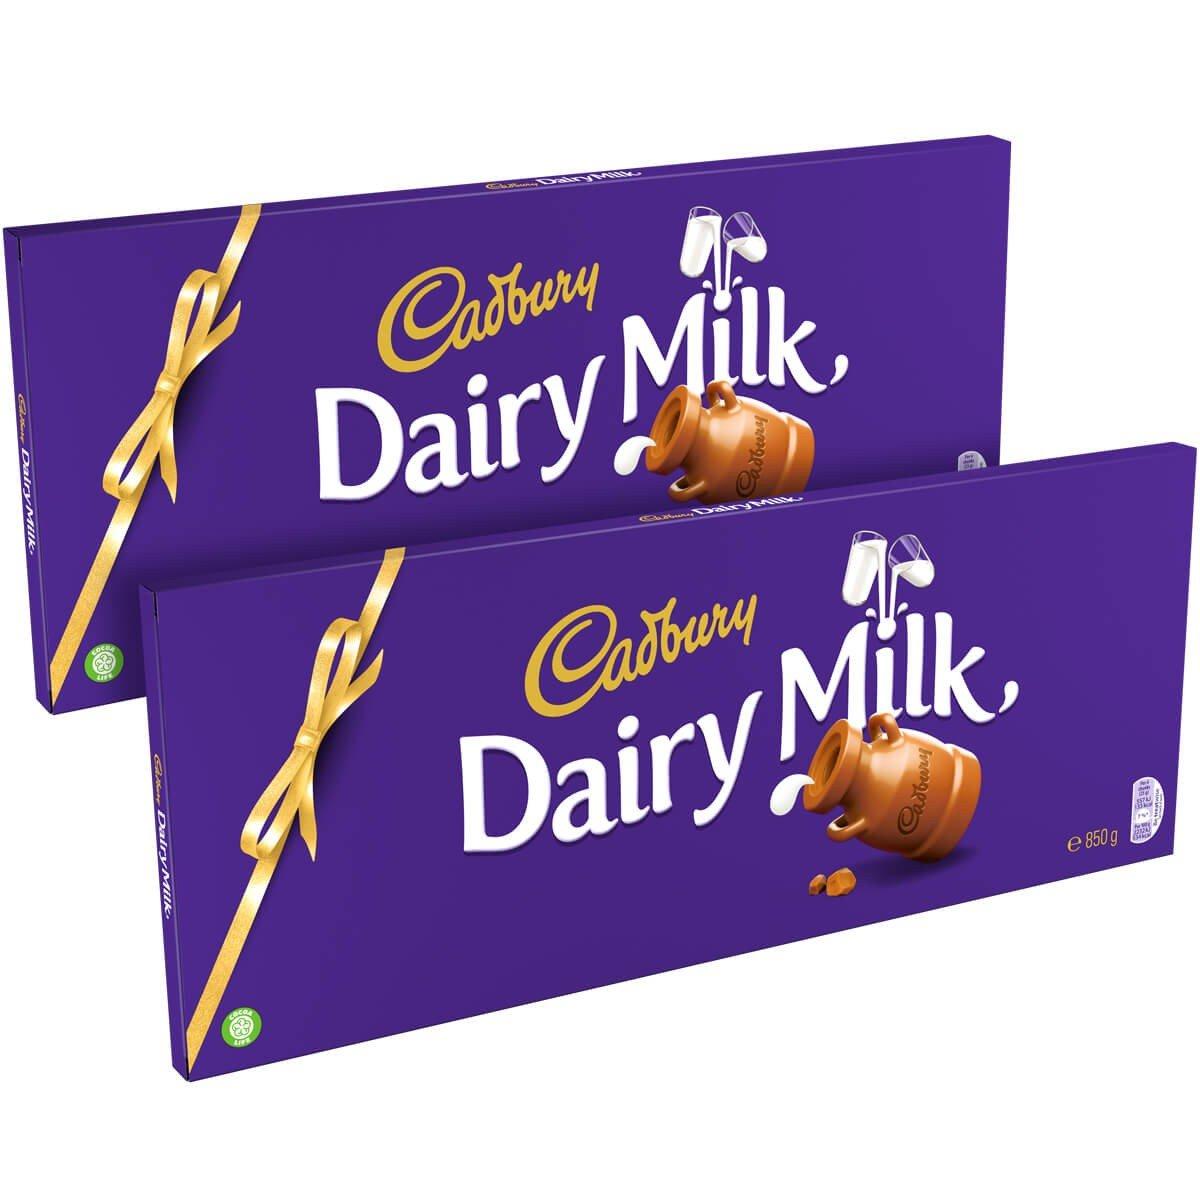 Cadbury Dairy Milk Bars 850g Twin Pack